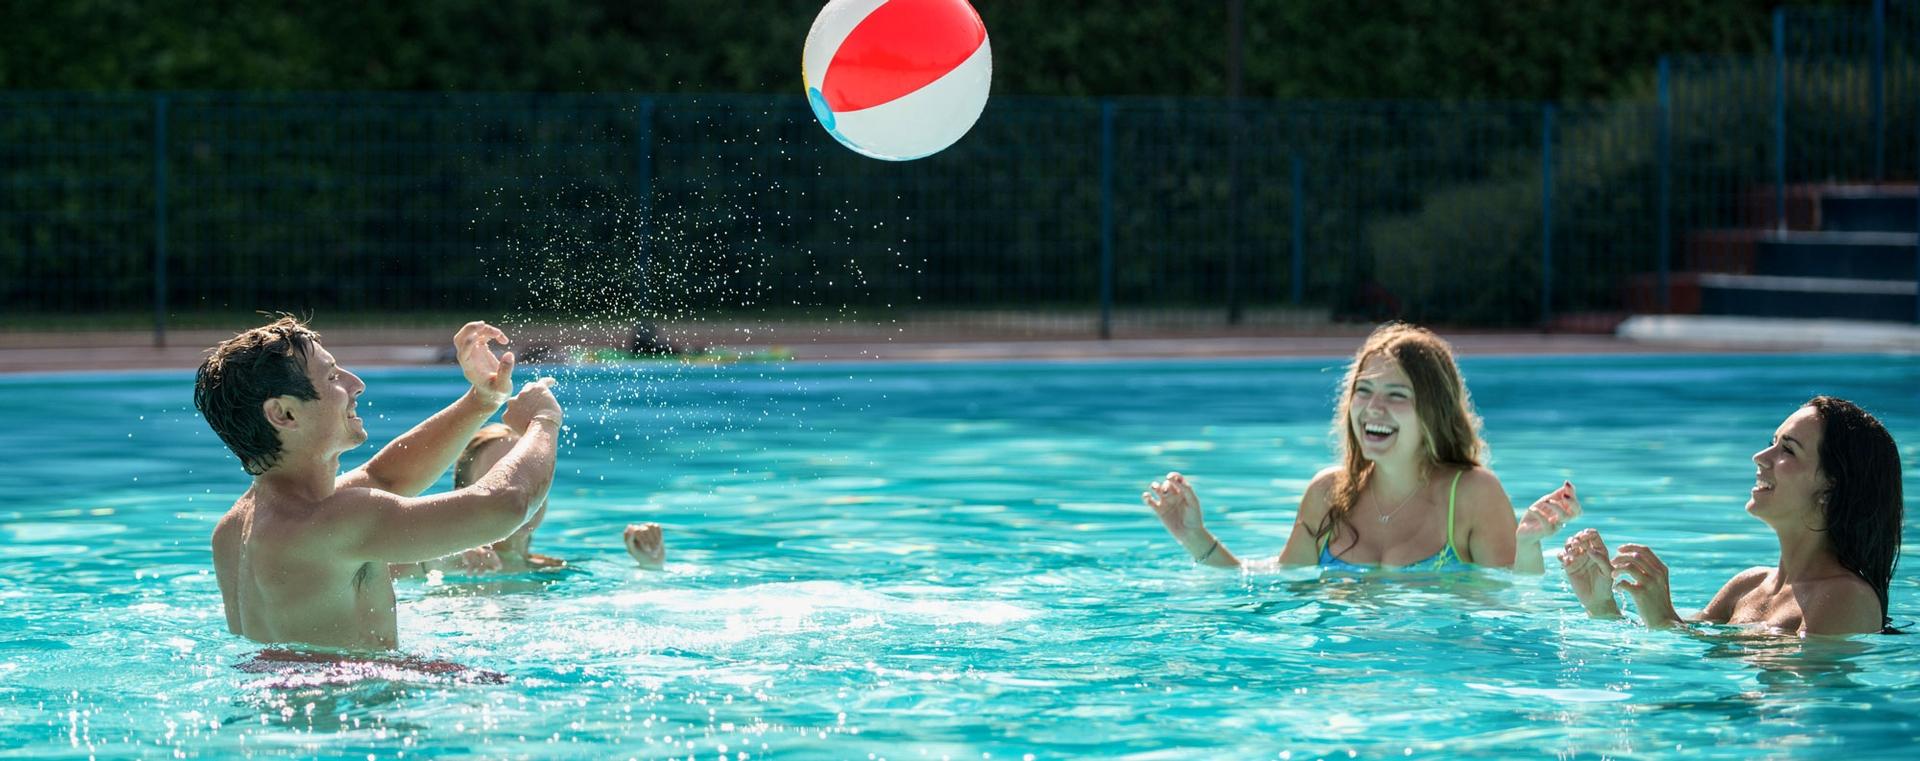 AH_pool_volleyball-FFD5.jpg